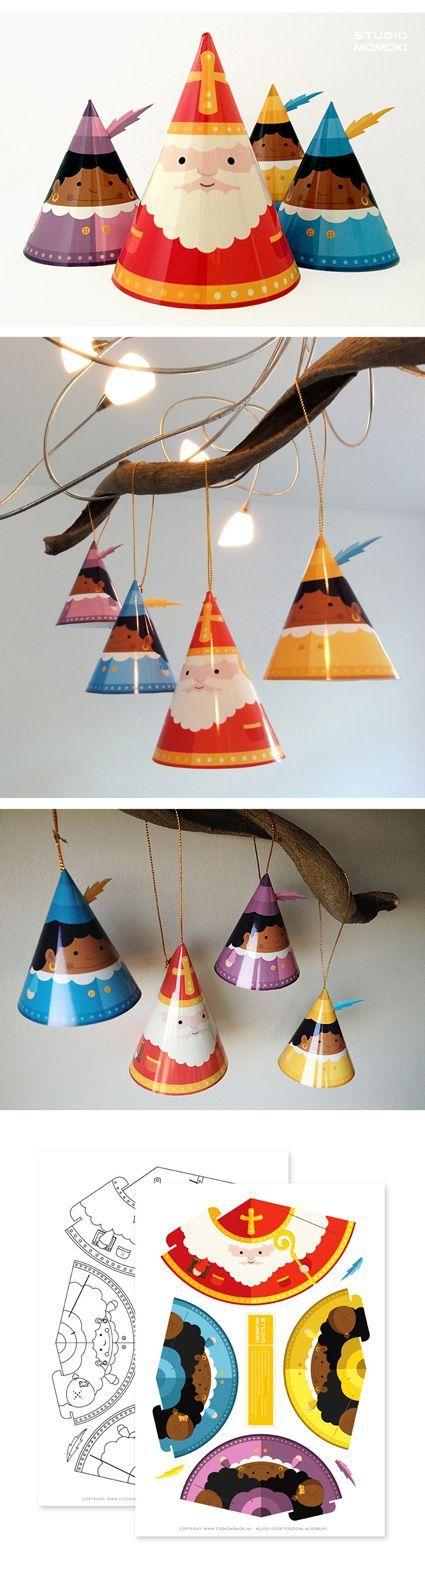 Maak je eigen Papertoy Sinterklaasversiering.